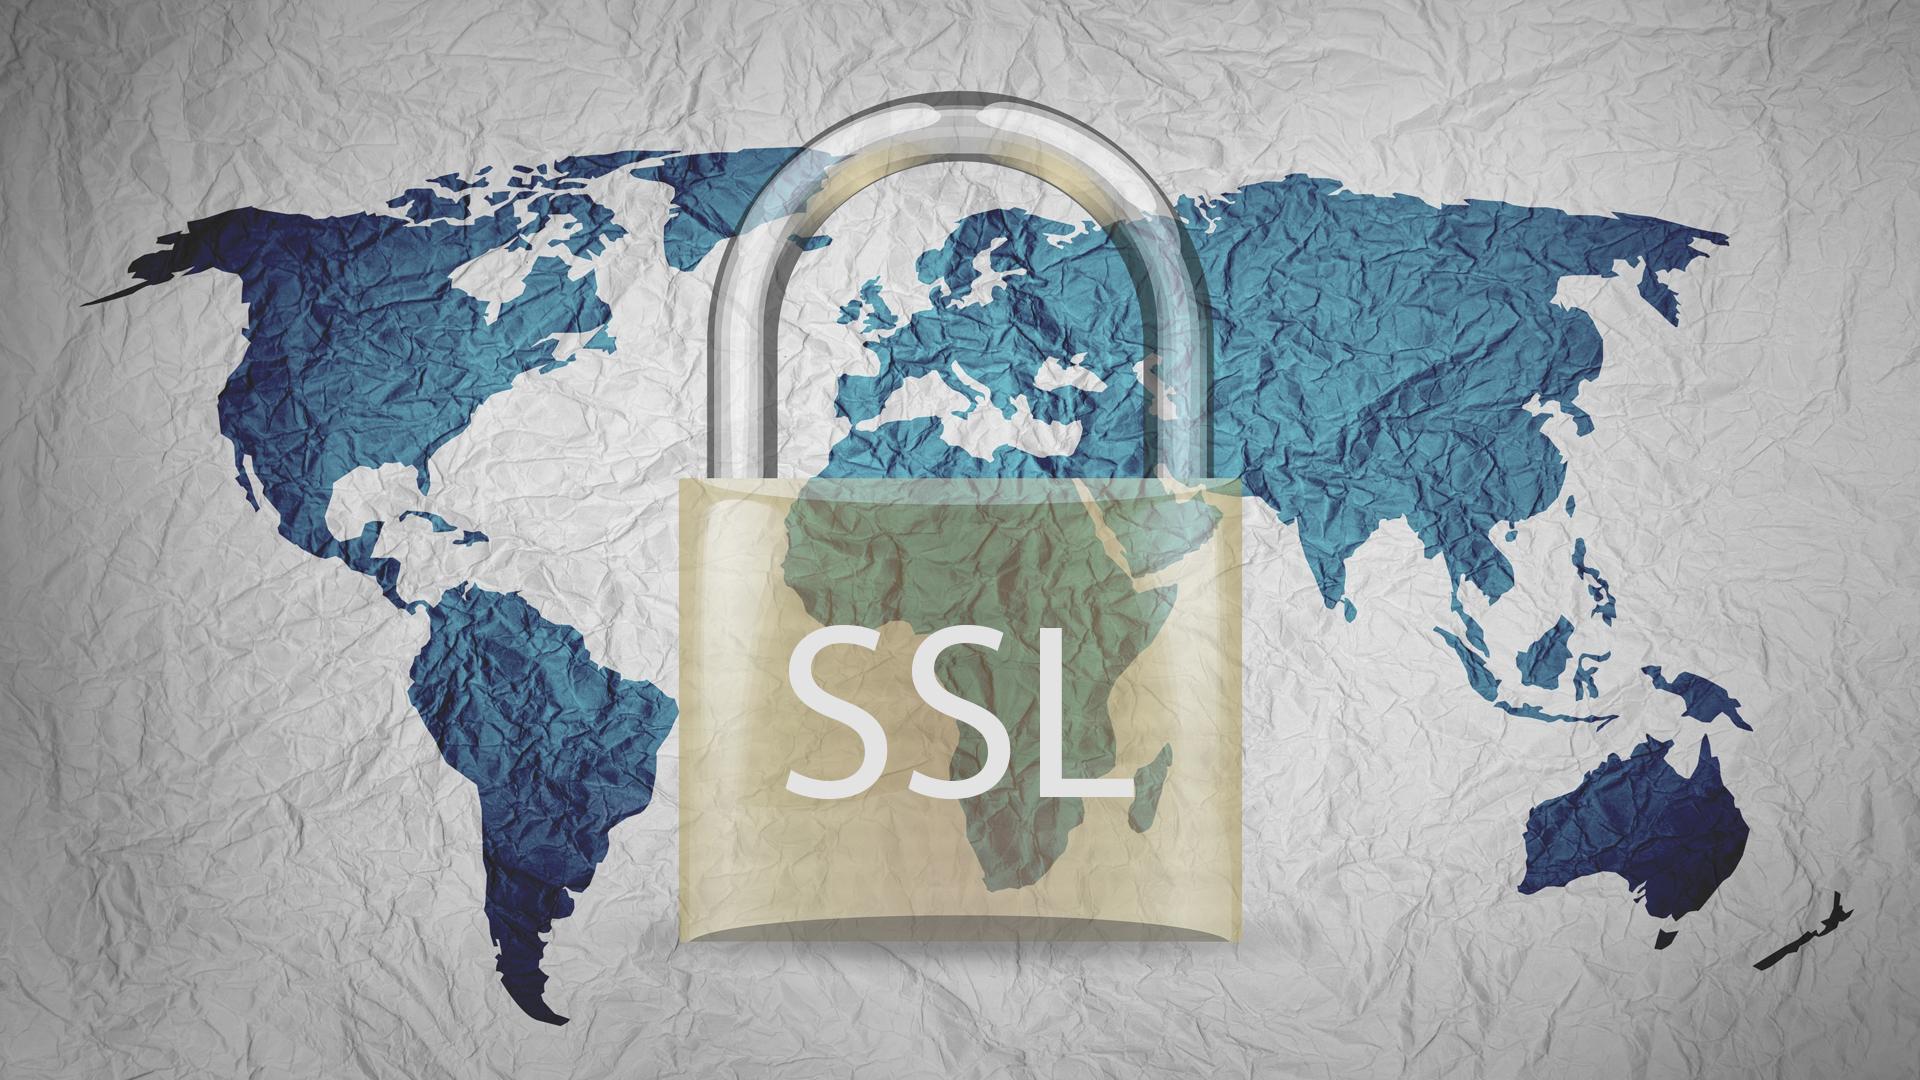 SSL - Data security of eSignatures